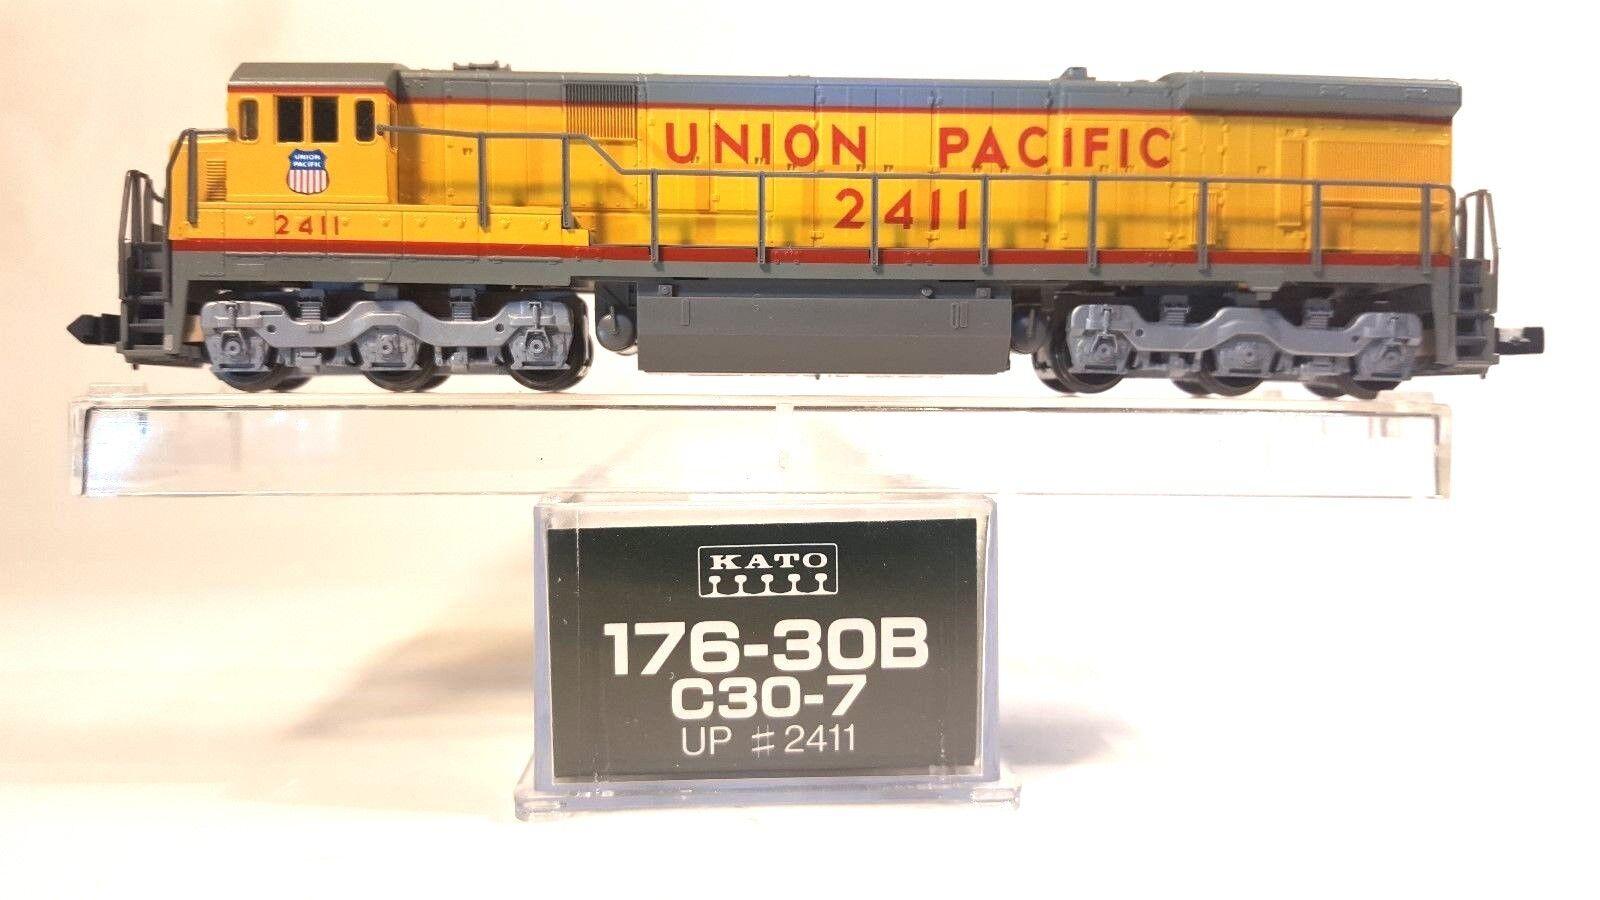 tienda de venta en línea N Kato 176-30B C30-7 Union Pacific Locomotora Locomotora Locomotora  2411 (probados)  mas preferencial